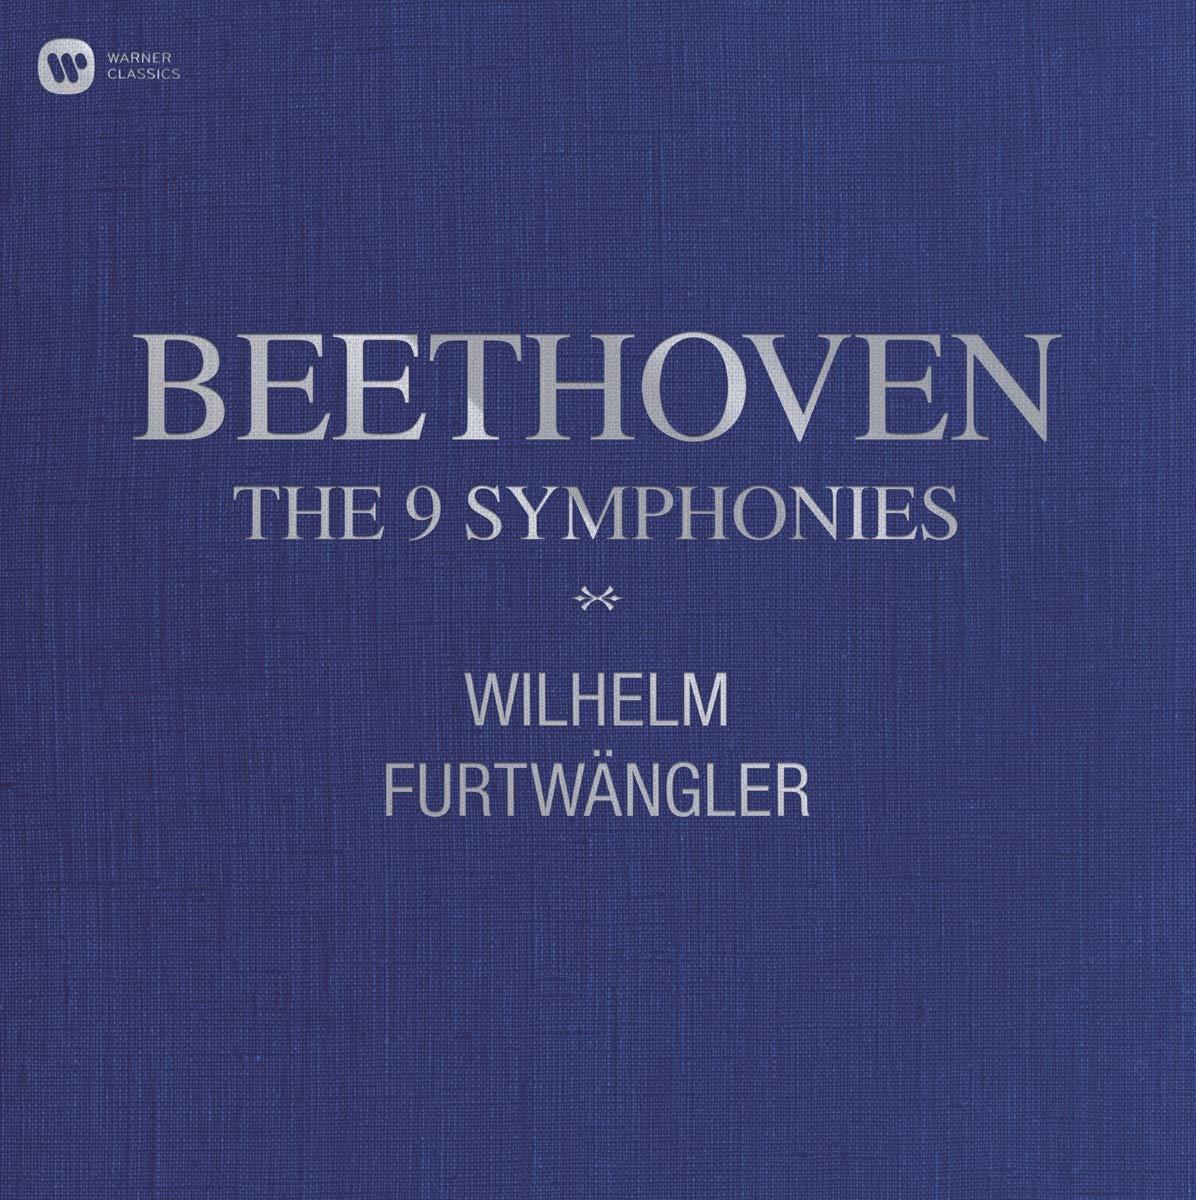 Вильгельм Фуртвенглер Wilhelm Furtwangler. Beethoven. The 9 Symphonies (10 LP) вильгельм фуртвенглер николай голованов вильгельм фуртвенглер xx s century greatest conductors